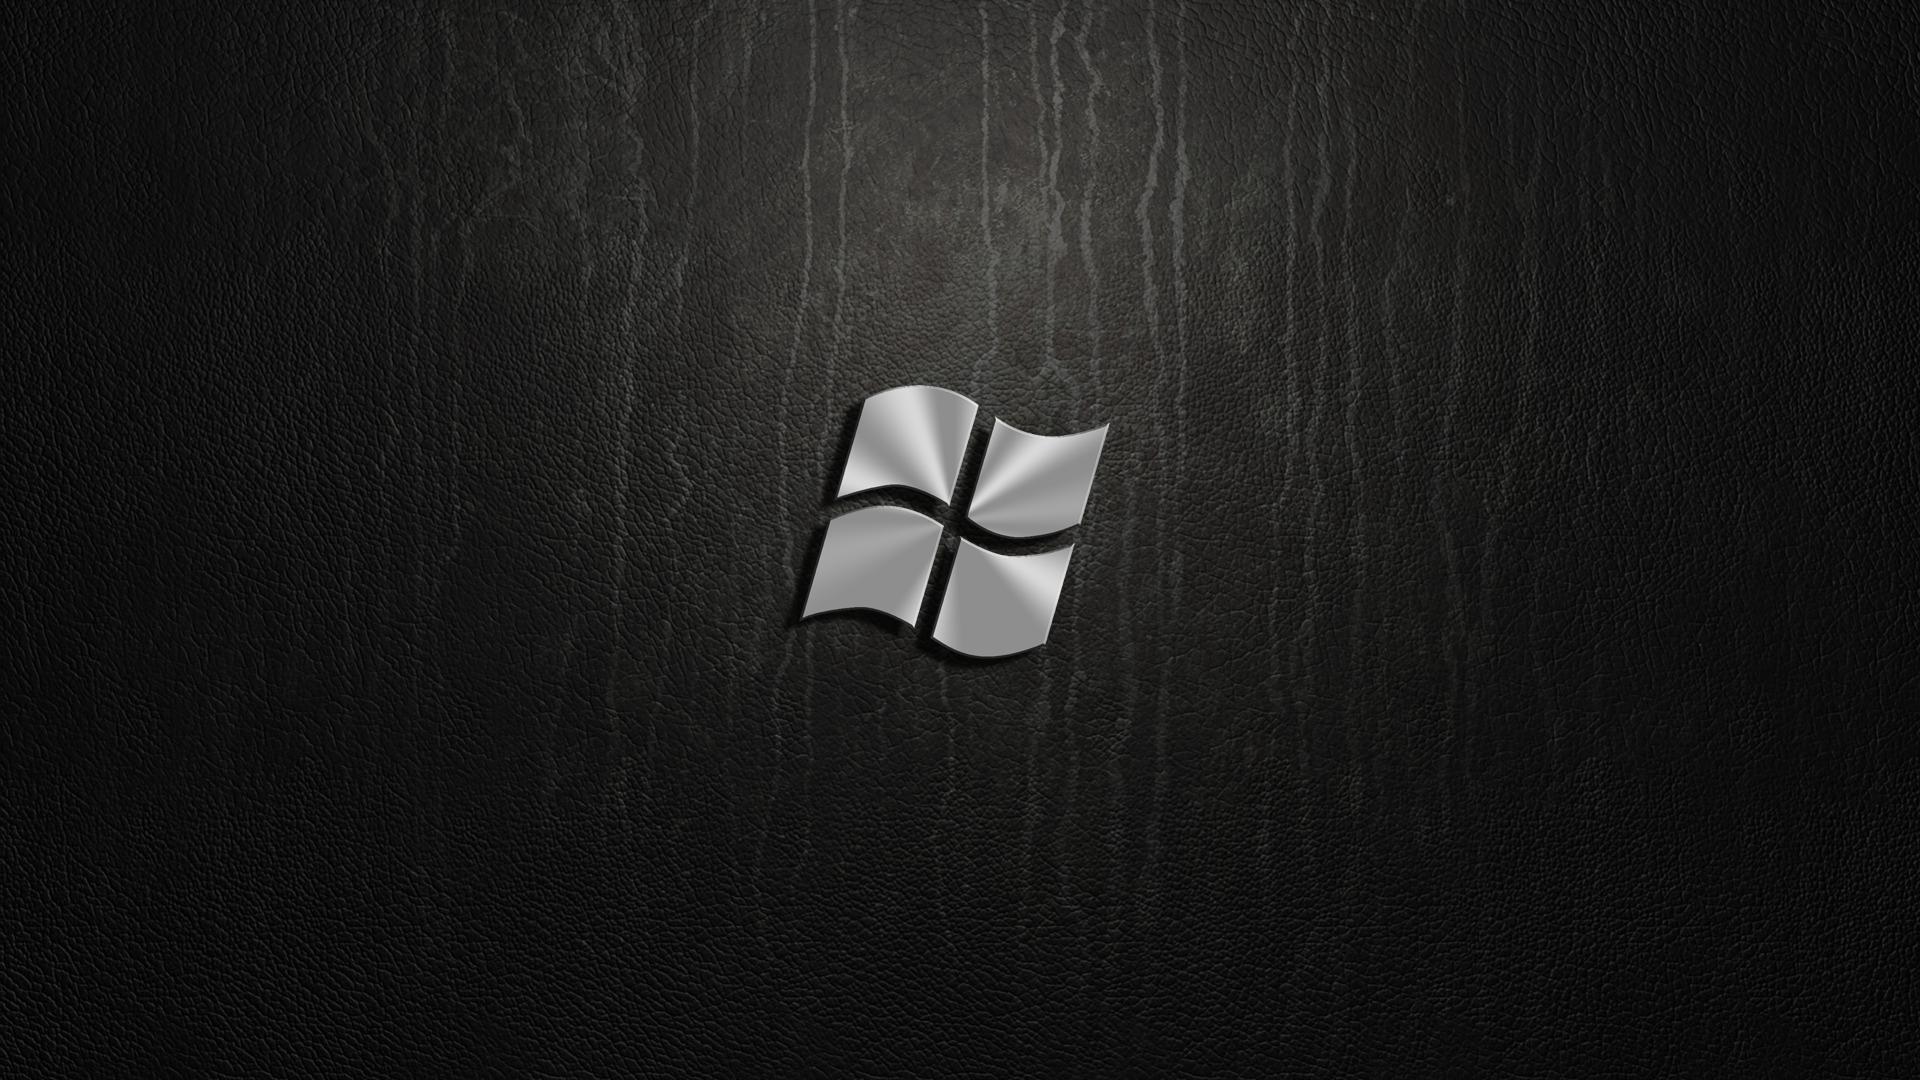 デスクトップ壁紙 ロゴ ブランド 光 点灯 形状 闇 数 スクリーンショット コンピュータの壁紙 黒と白 モノクロ写真 フォント 19x1080 Obseek デスクトップ壁紙 Wallhere